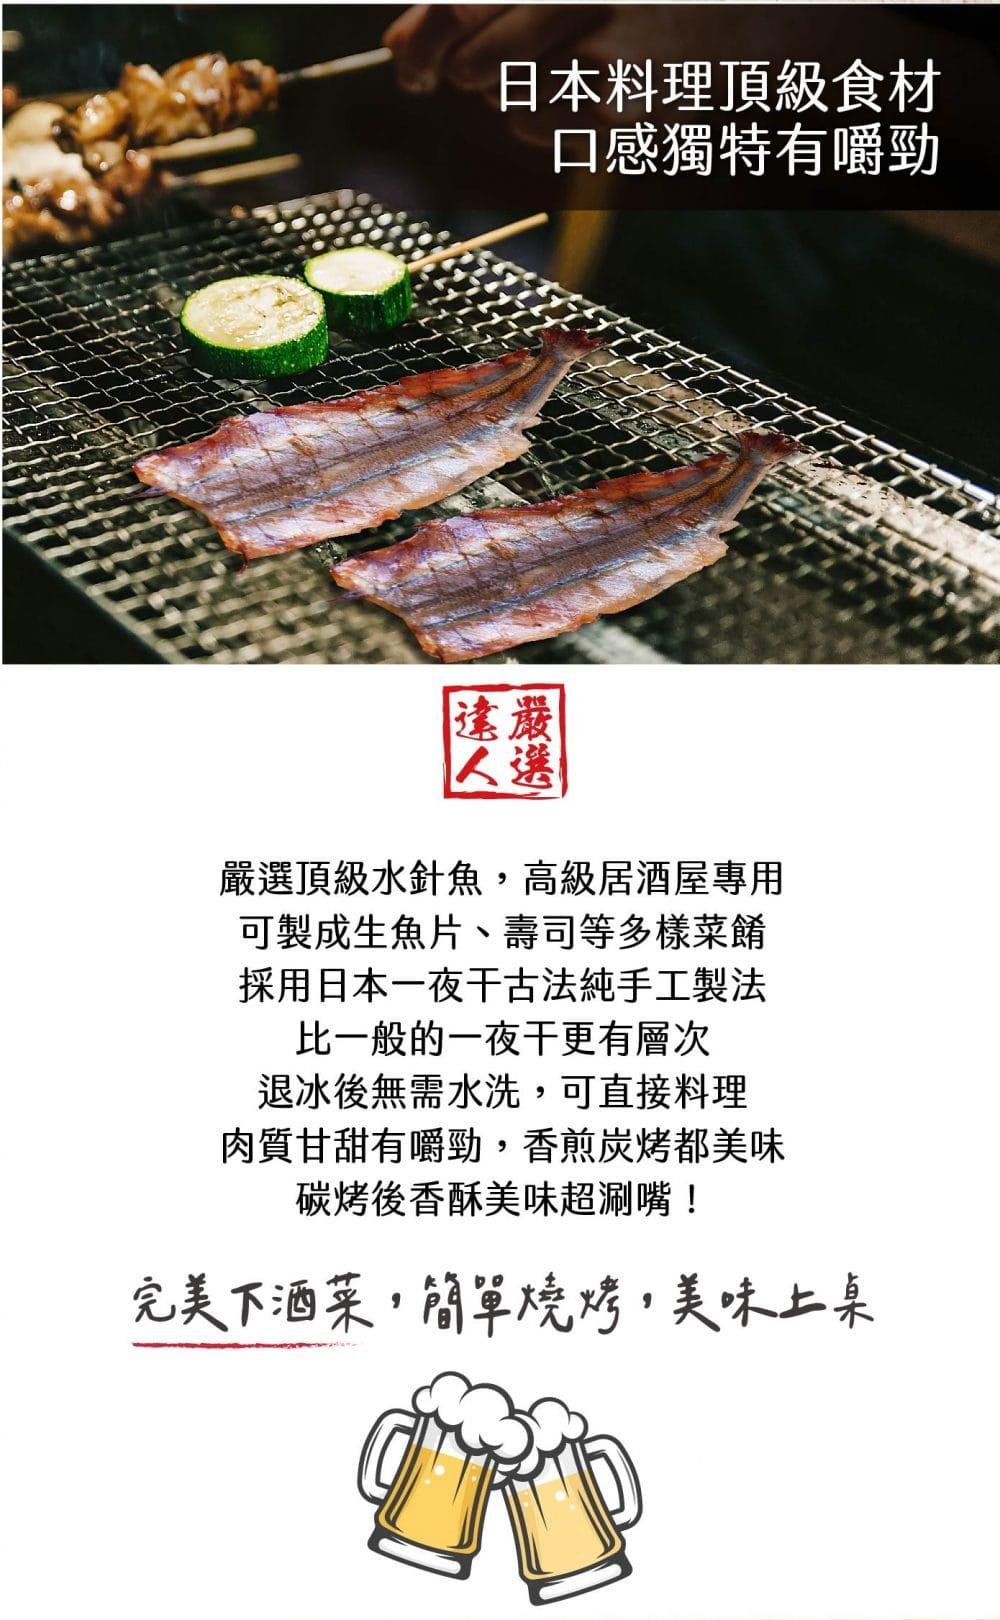 水針魚一夜干詳情頁4